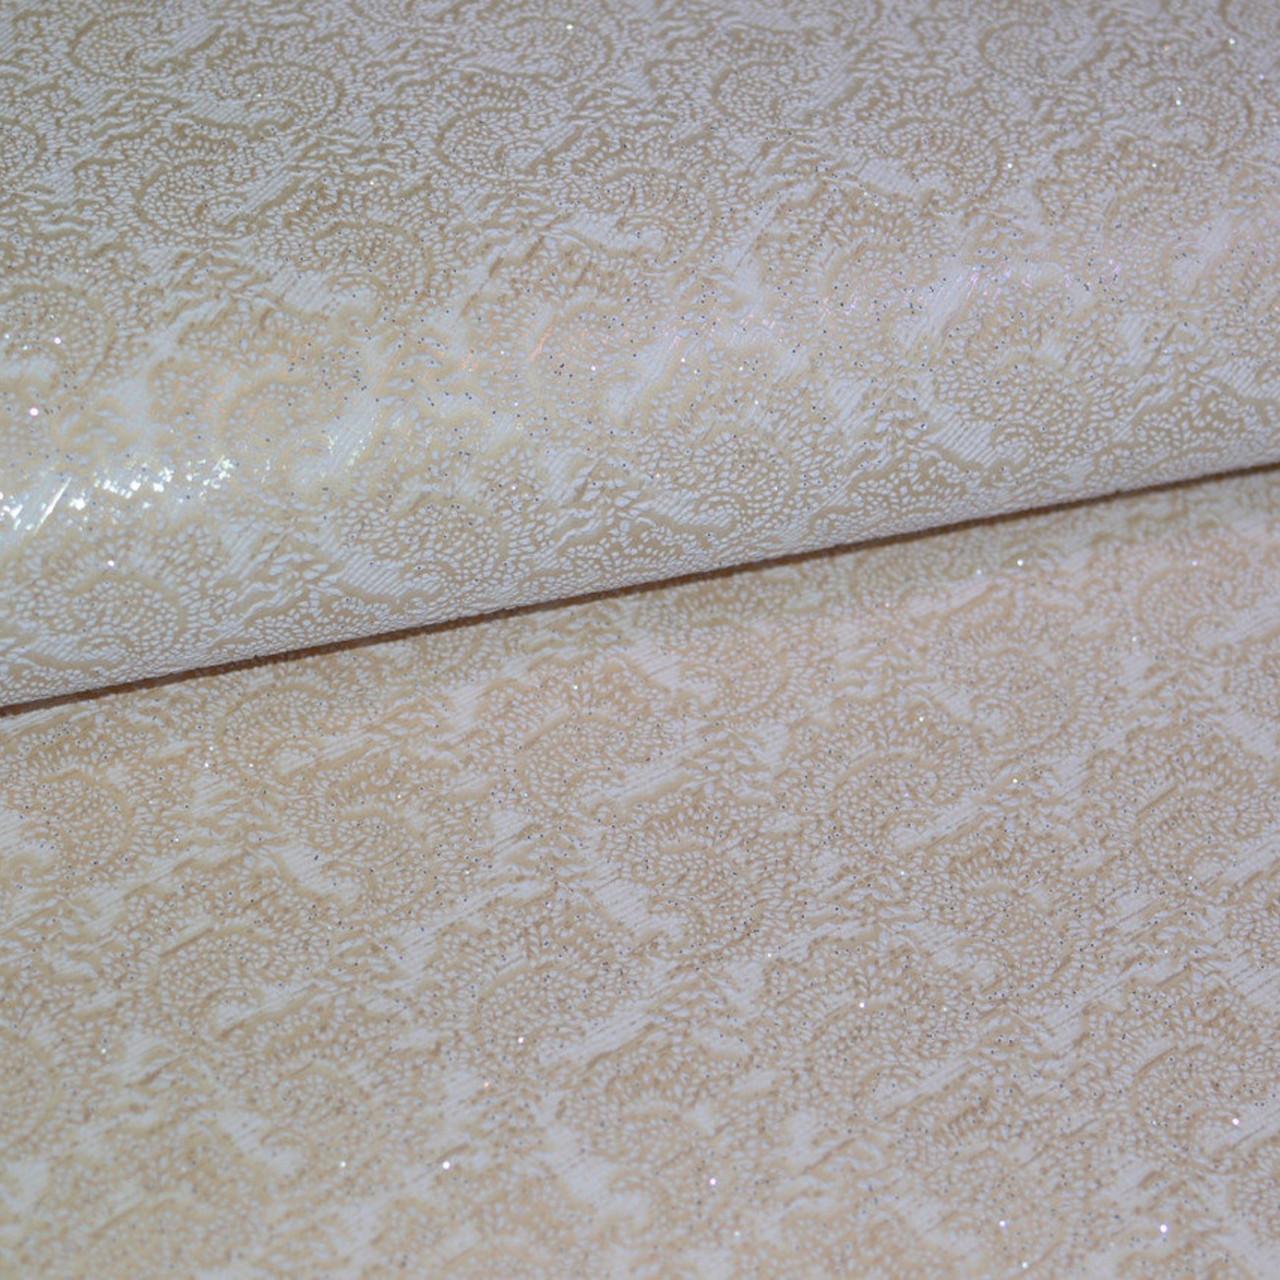 Обои, обои на стену, дворцовый стиль, бежевый, светлый, акрил на бумаге, B77,4 Джаз 5184-01, 0,53*10м